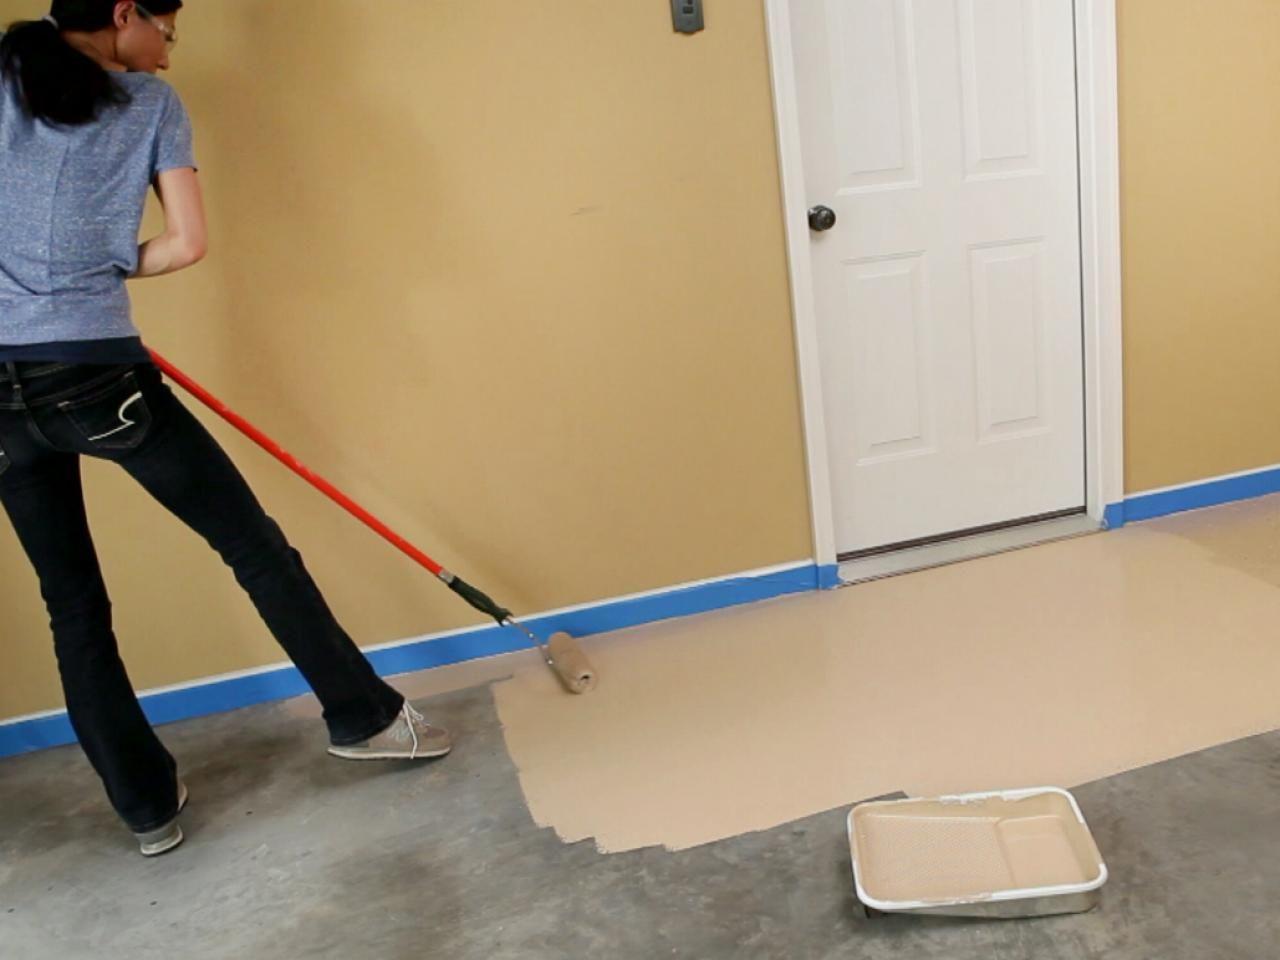 What To Clean Garage Floor With In 2020 Floor Cleaner Garage Floor Clean Garage